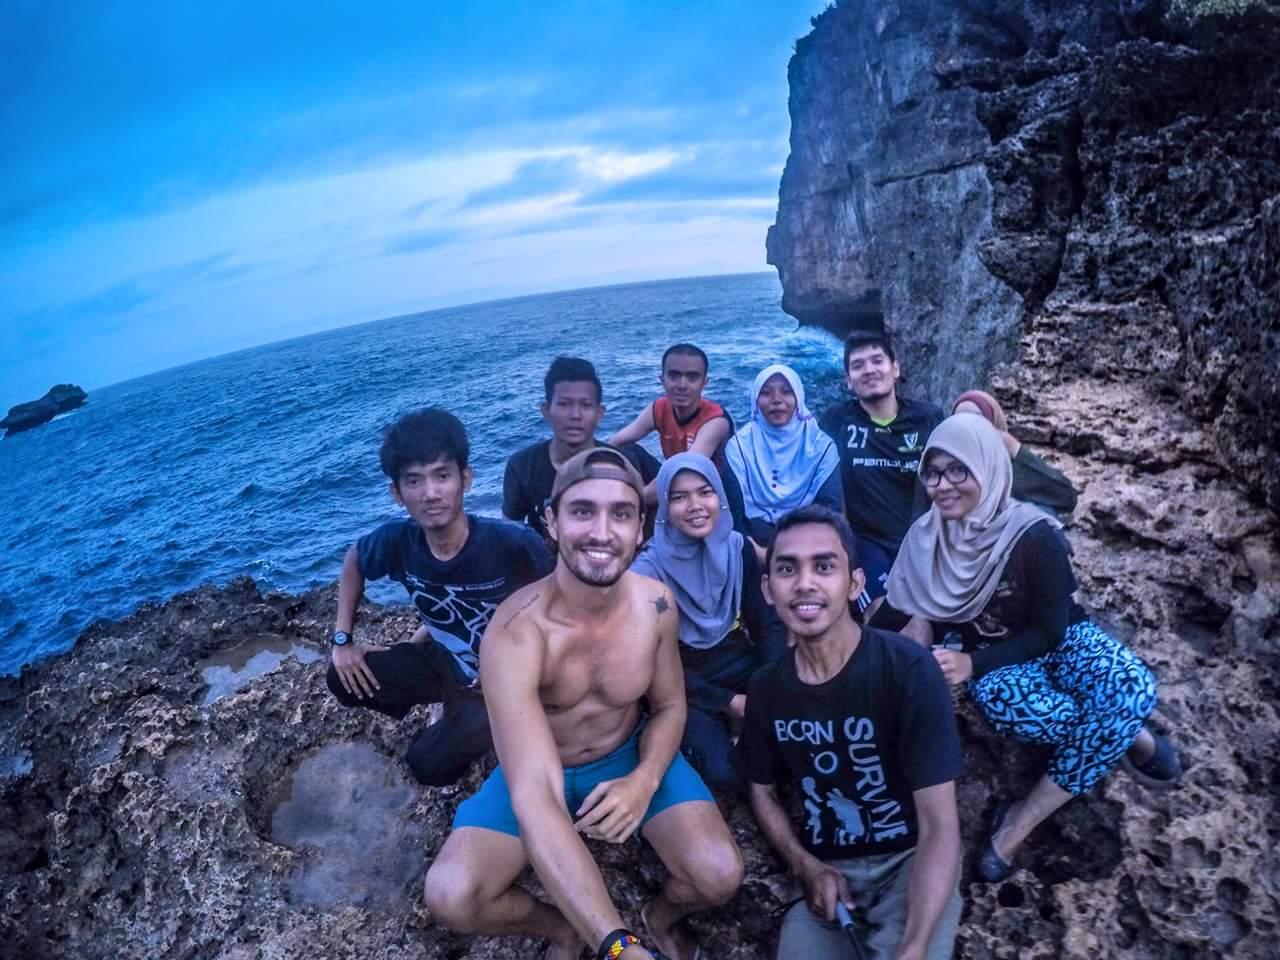 My Indonesian crew